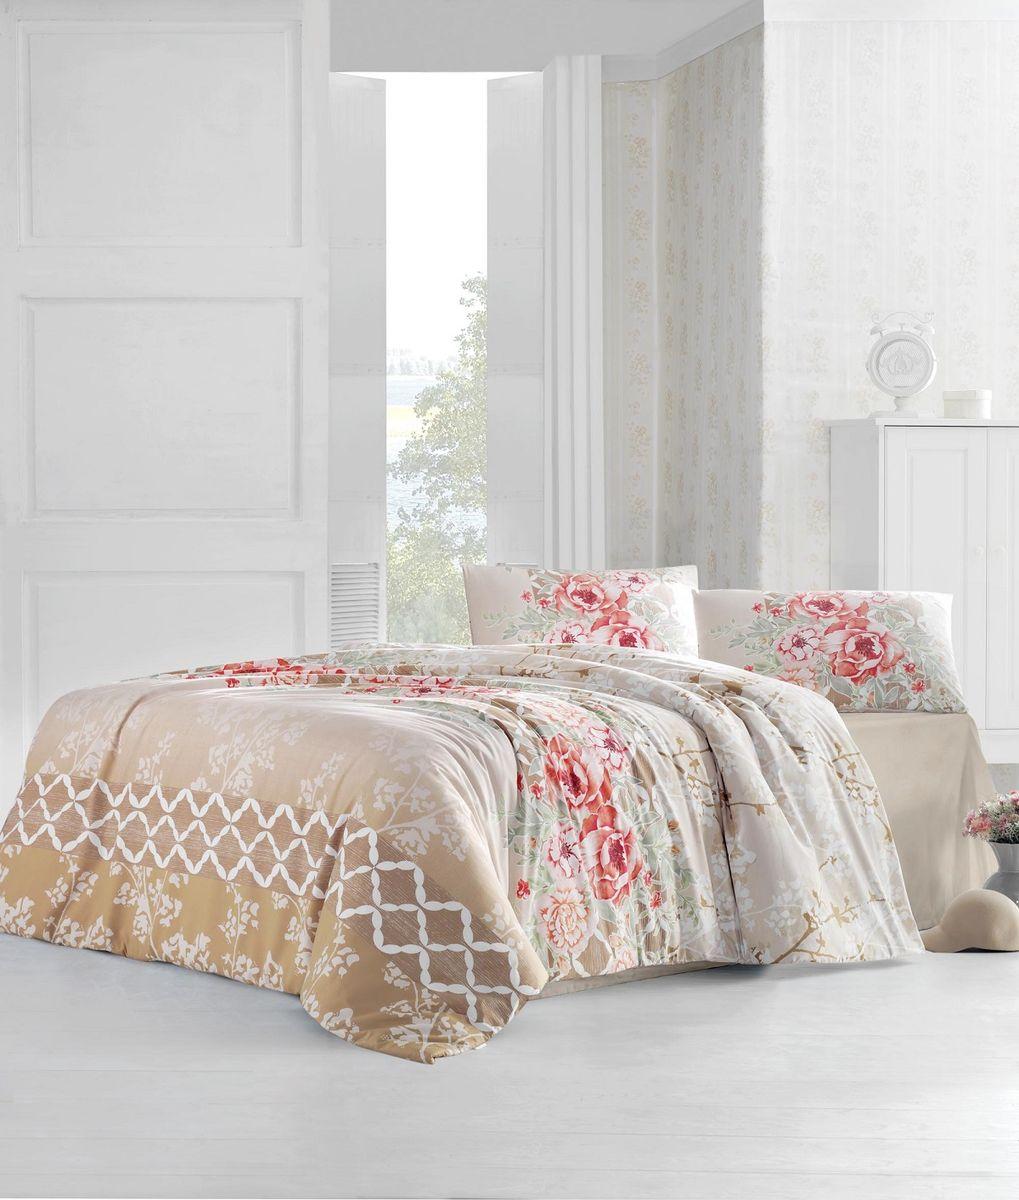 Комплект белья Altinbasak Asel, 2-спальный, наволочки 50х70, цвет: бежевый297/6/CHAR001